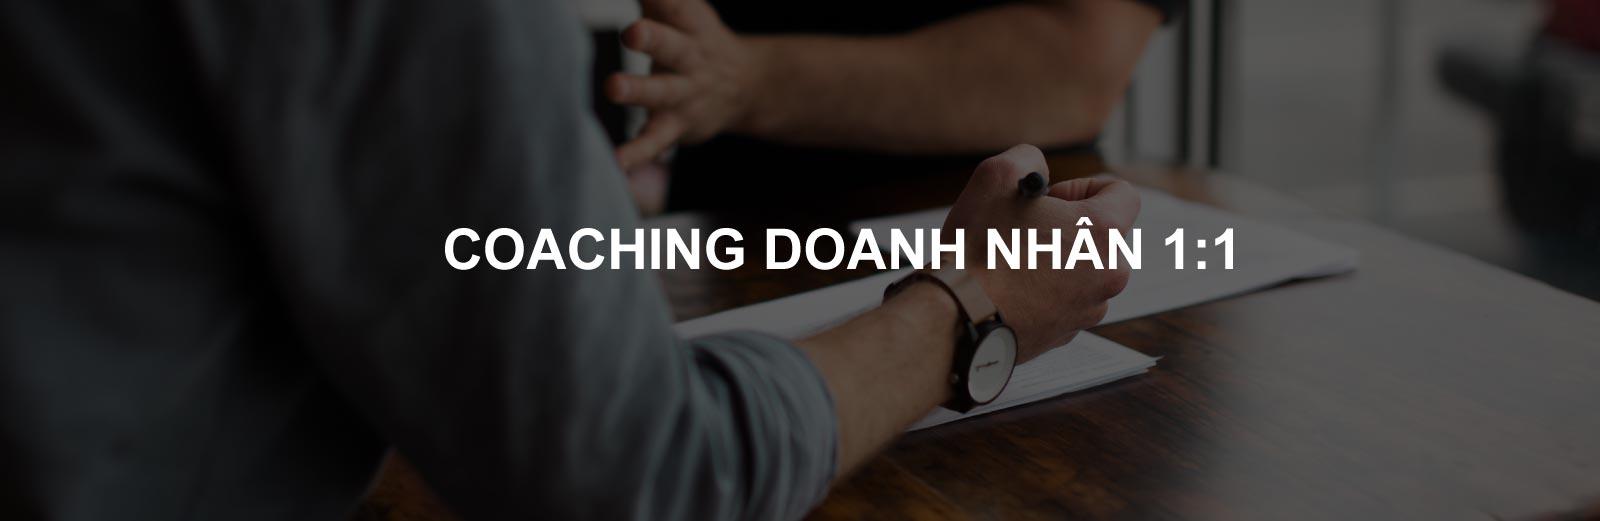 Coaching doanh nhân tại Hà Nội